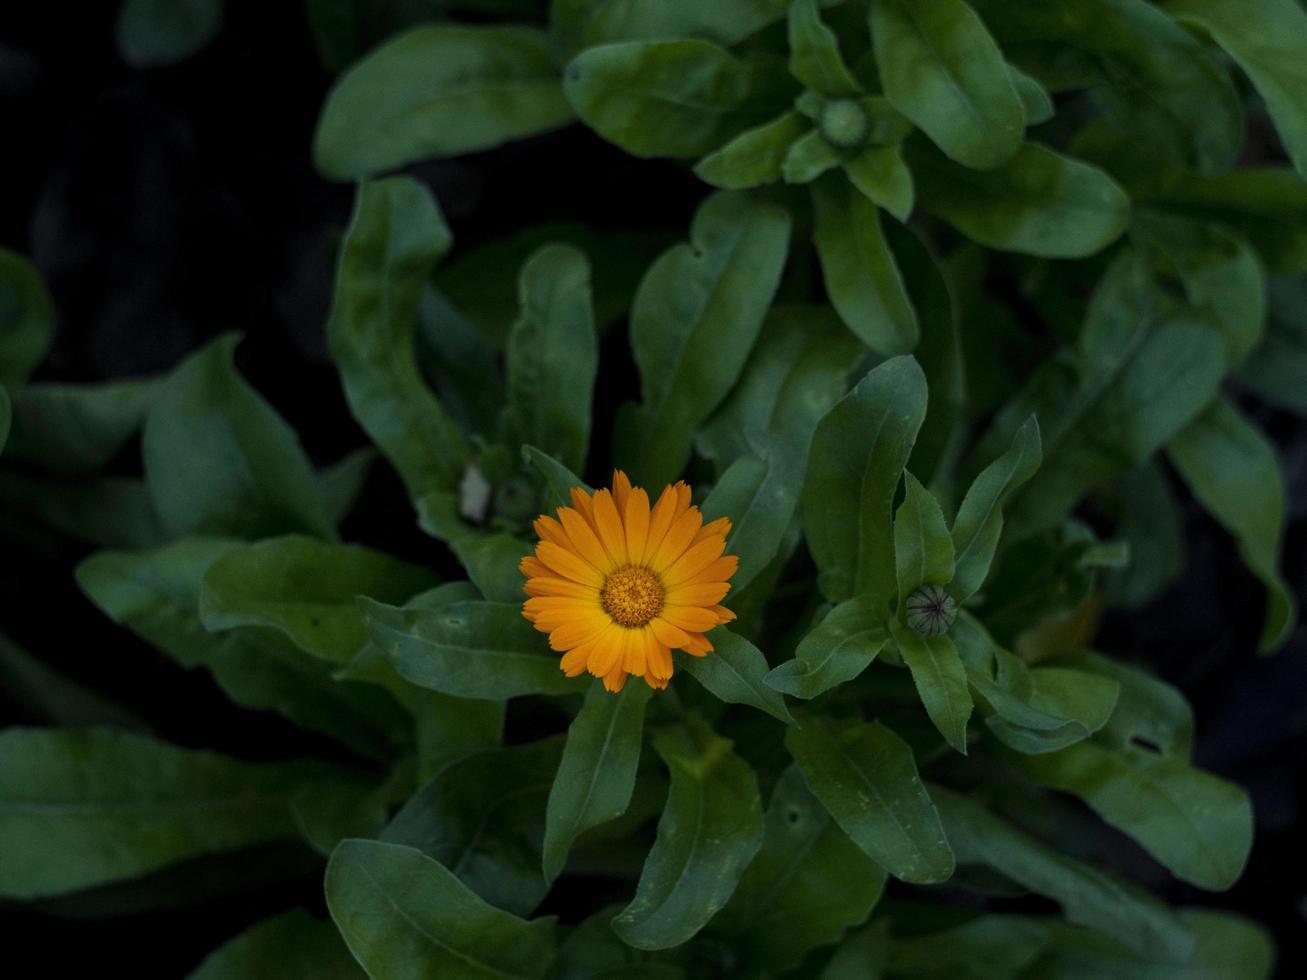 bellissimo piccolo fiore arancione foto